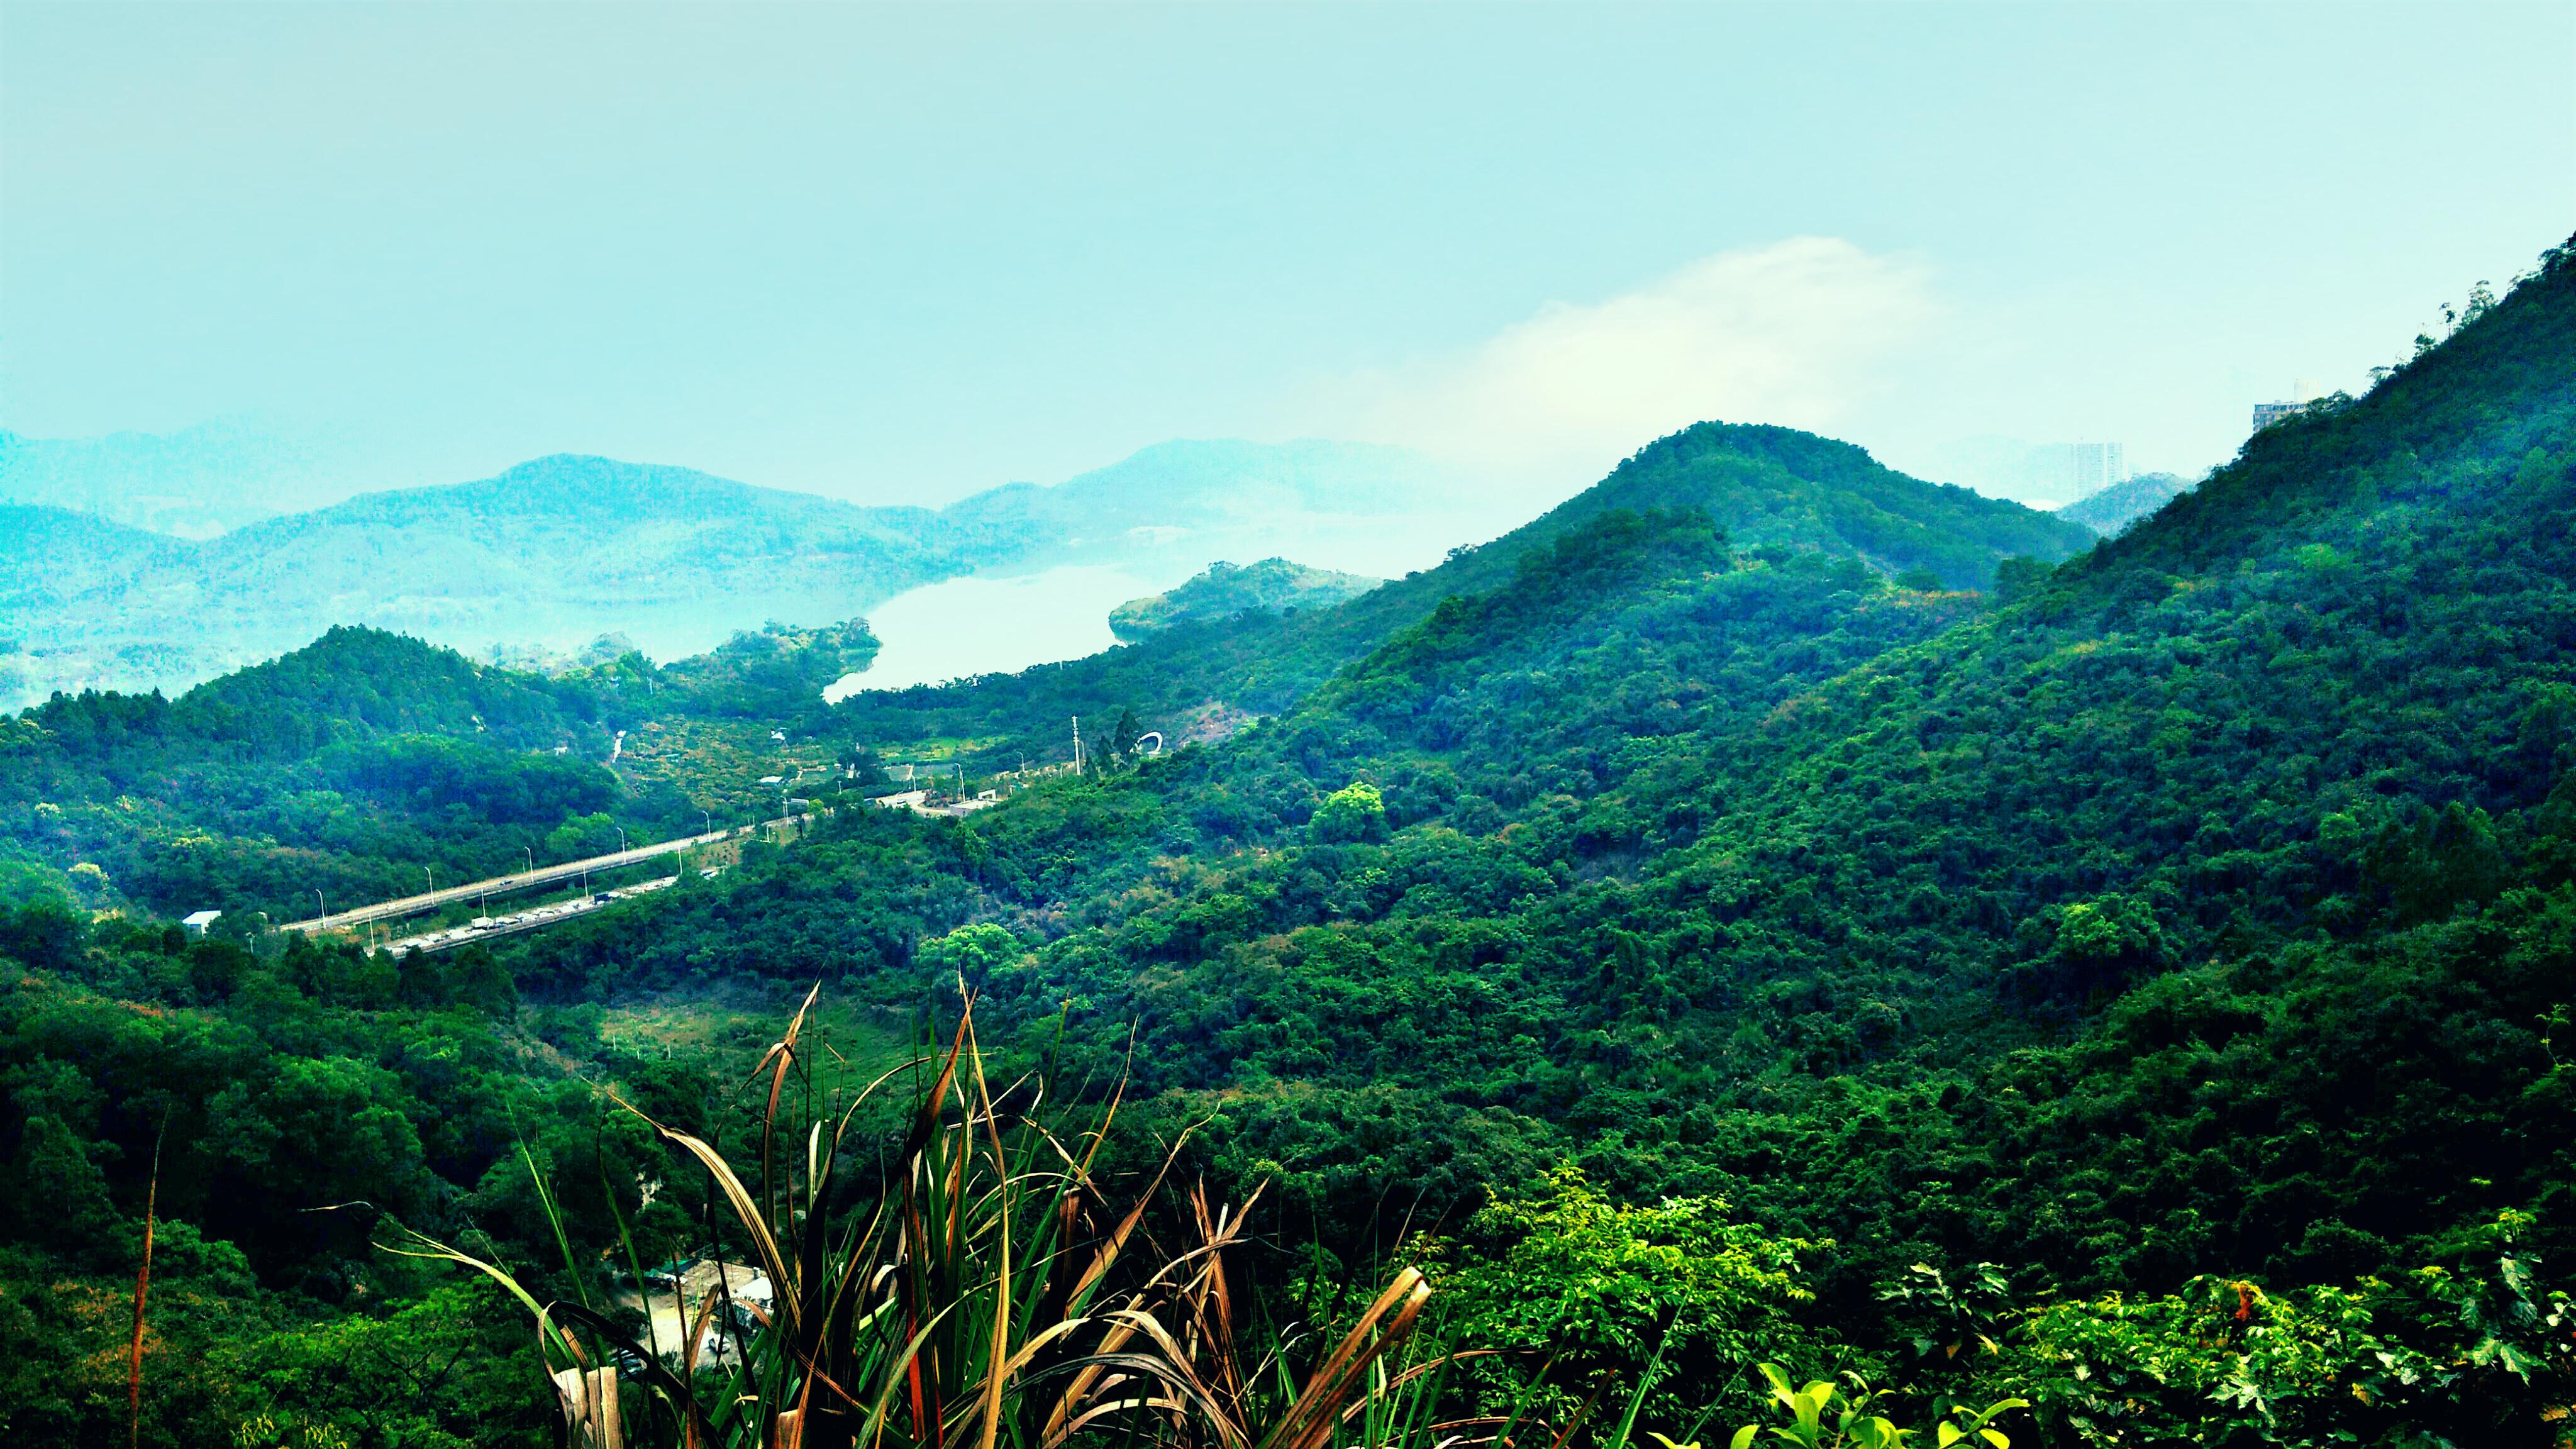 生活在深圳,求水山公园一游图片